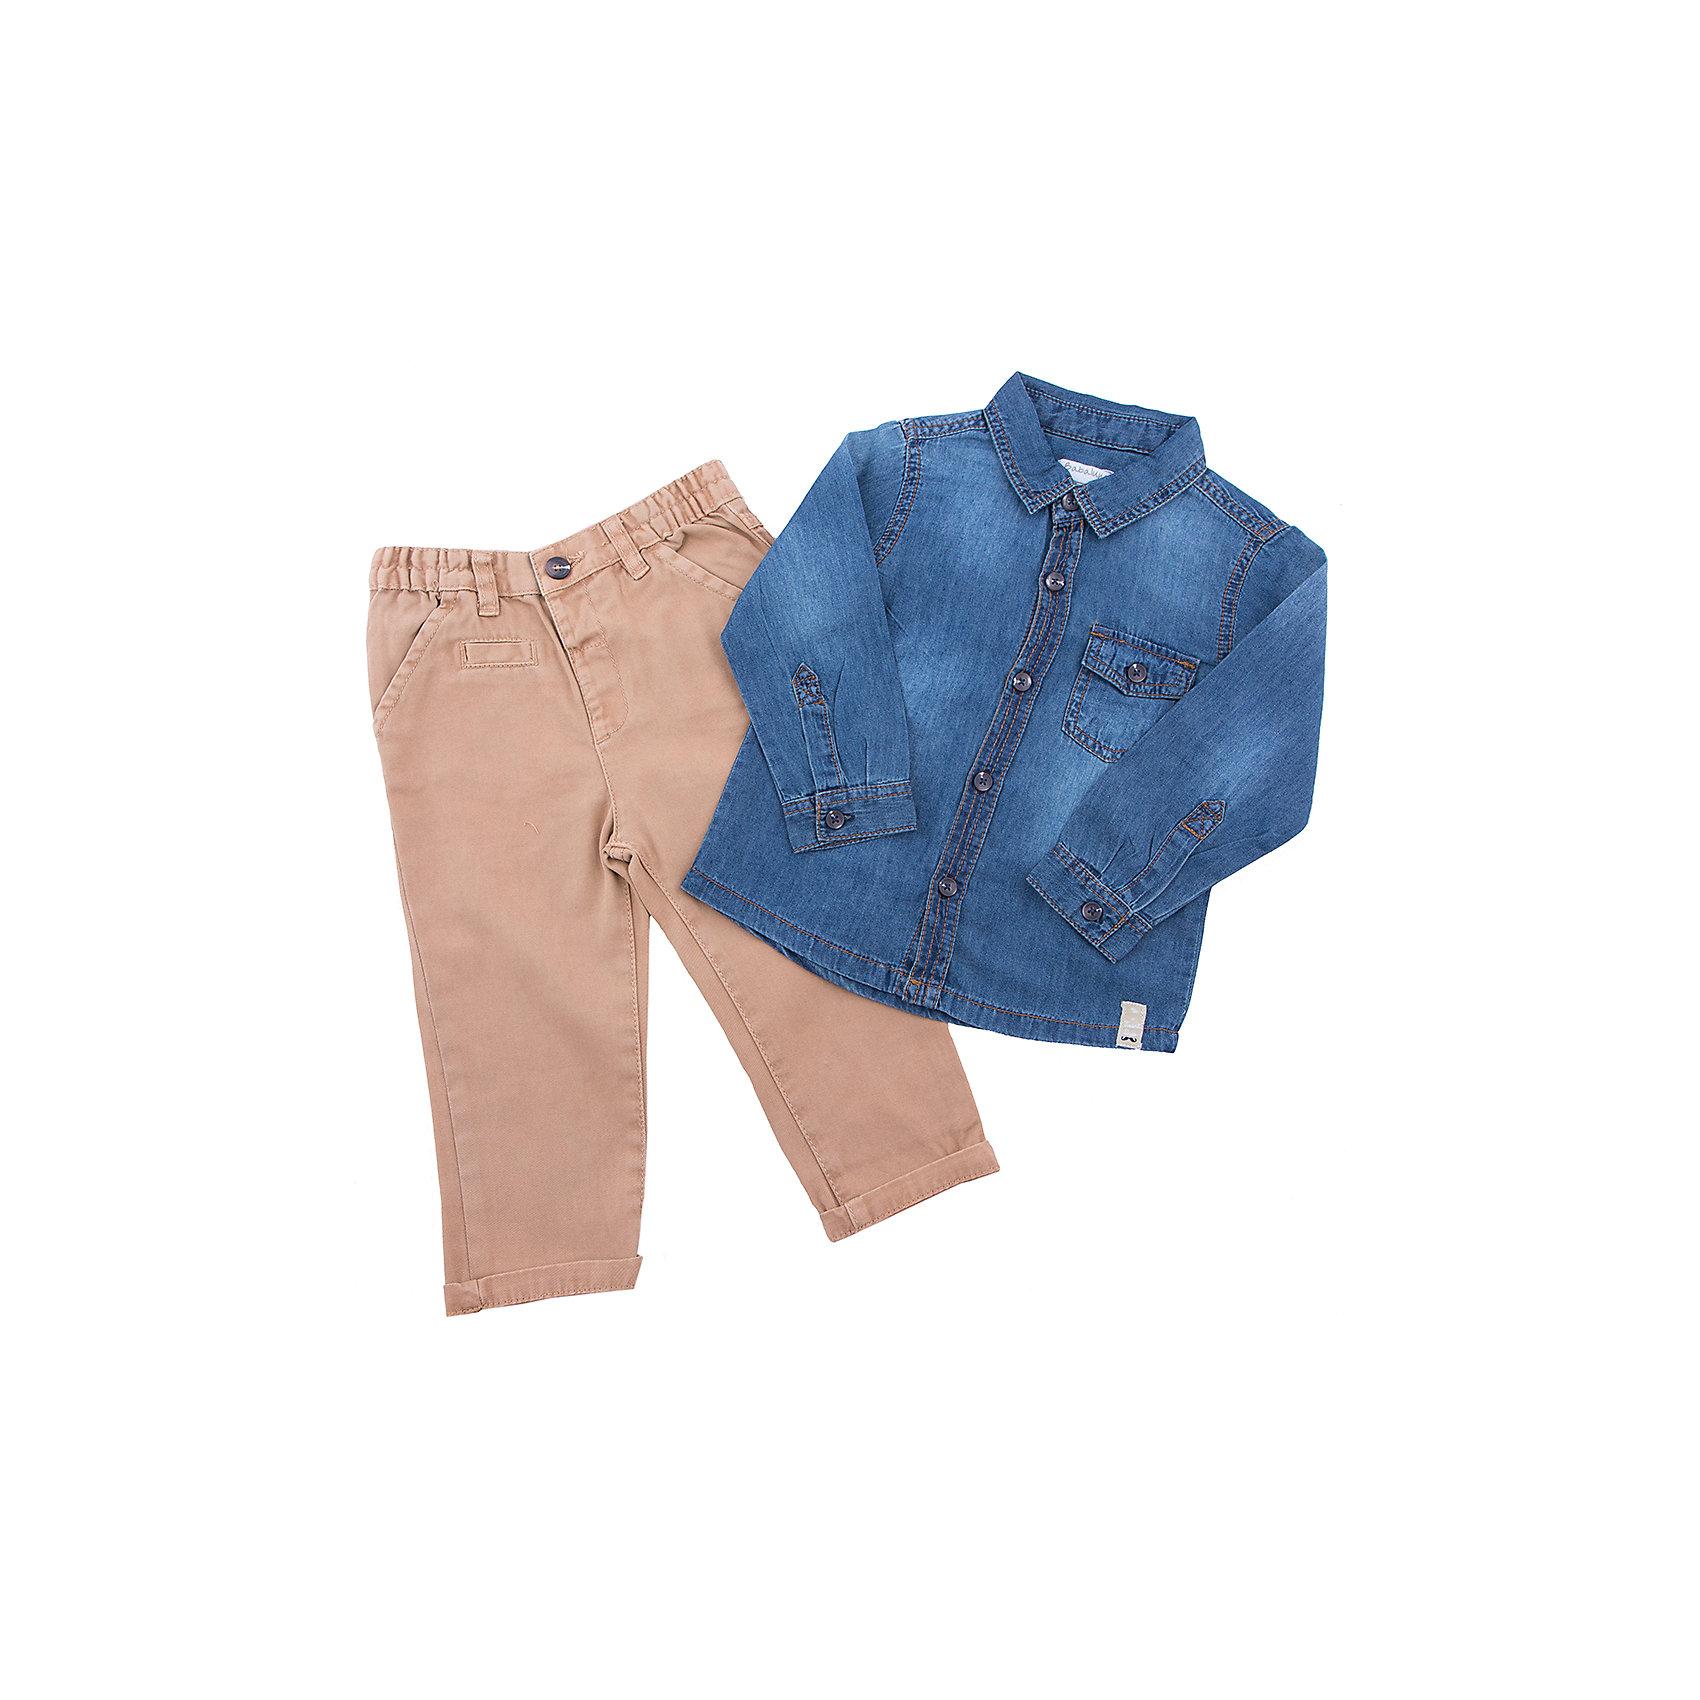 Комплект: рубашка и брюки для мальчика BABALUNOКомплект: рубашка и брюки для мальчика от популярной английской марки BABALUNO<br><br>Симпатичный и очень удобный комплект состоит из рубашки и брюк. Модель отлично сидит на малышах, не стесняет движения. Материал - гипоаллергенный, дышащий и приятный на ощупь.<br><br>Особенности модели:<br><br>- материал - хлопок;<br>- цвет: рубашка - синий джинс, брюки - коричневые;<br>- рубашка украшена двумя карманами на груди,<br>- рукав длинный, воротник - отложной;<br>- застежки-пуговицы;<br>- пояс брюк - на резинке, есть шлевки;<br>- карманы функциональные, на штанинах - отвороты.<br><br>Дополнительная информация:<br><br>Состав: 100% хлопок<br><br>Уход за изделием:<br><br>стирка в машине при температуре до 30°С,<br>не отбеливать,<br>гладить на средней температуре.<br><br>Комплект: рубашка и брюки для мальчика BABALUNO (Бабалуно) можно купить в нашем магазине<br><br>Ширина мм: 190<br>Глубина мм: 74<br>Высота мм: 229<br>Вес г: 236<br>Цвет: разноцветный<br>Возраст от месяцев: 12<br>Возраст до месяцев: 15<br>Пол: Мужской<br>Возраст: Детский<br>Размер: 80/86,86/92<br>SKU: 4262839